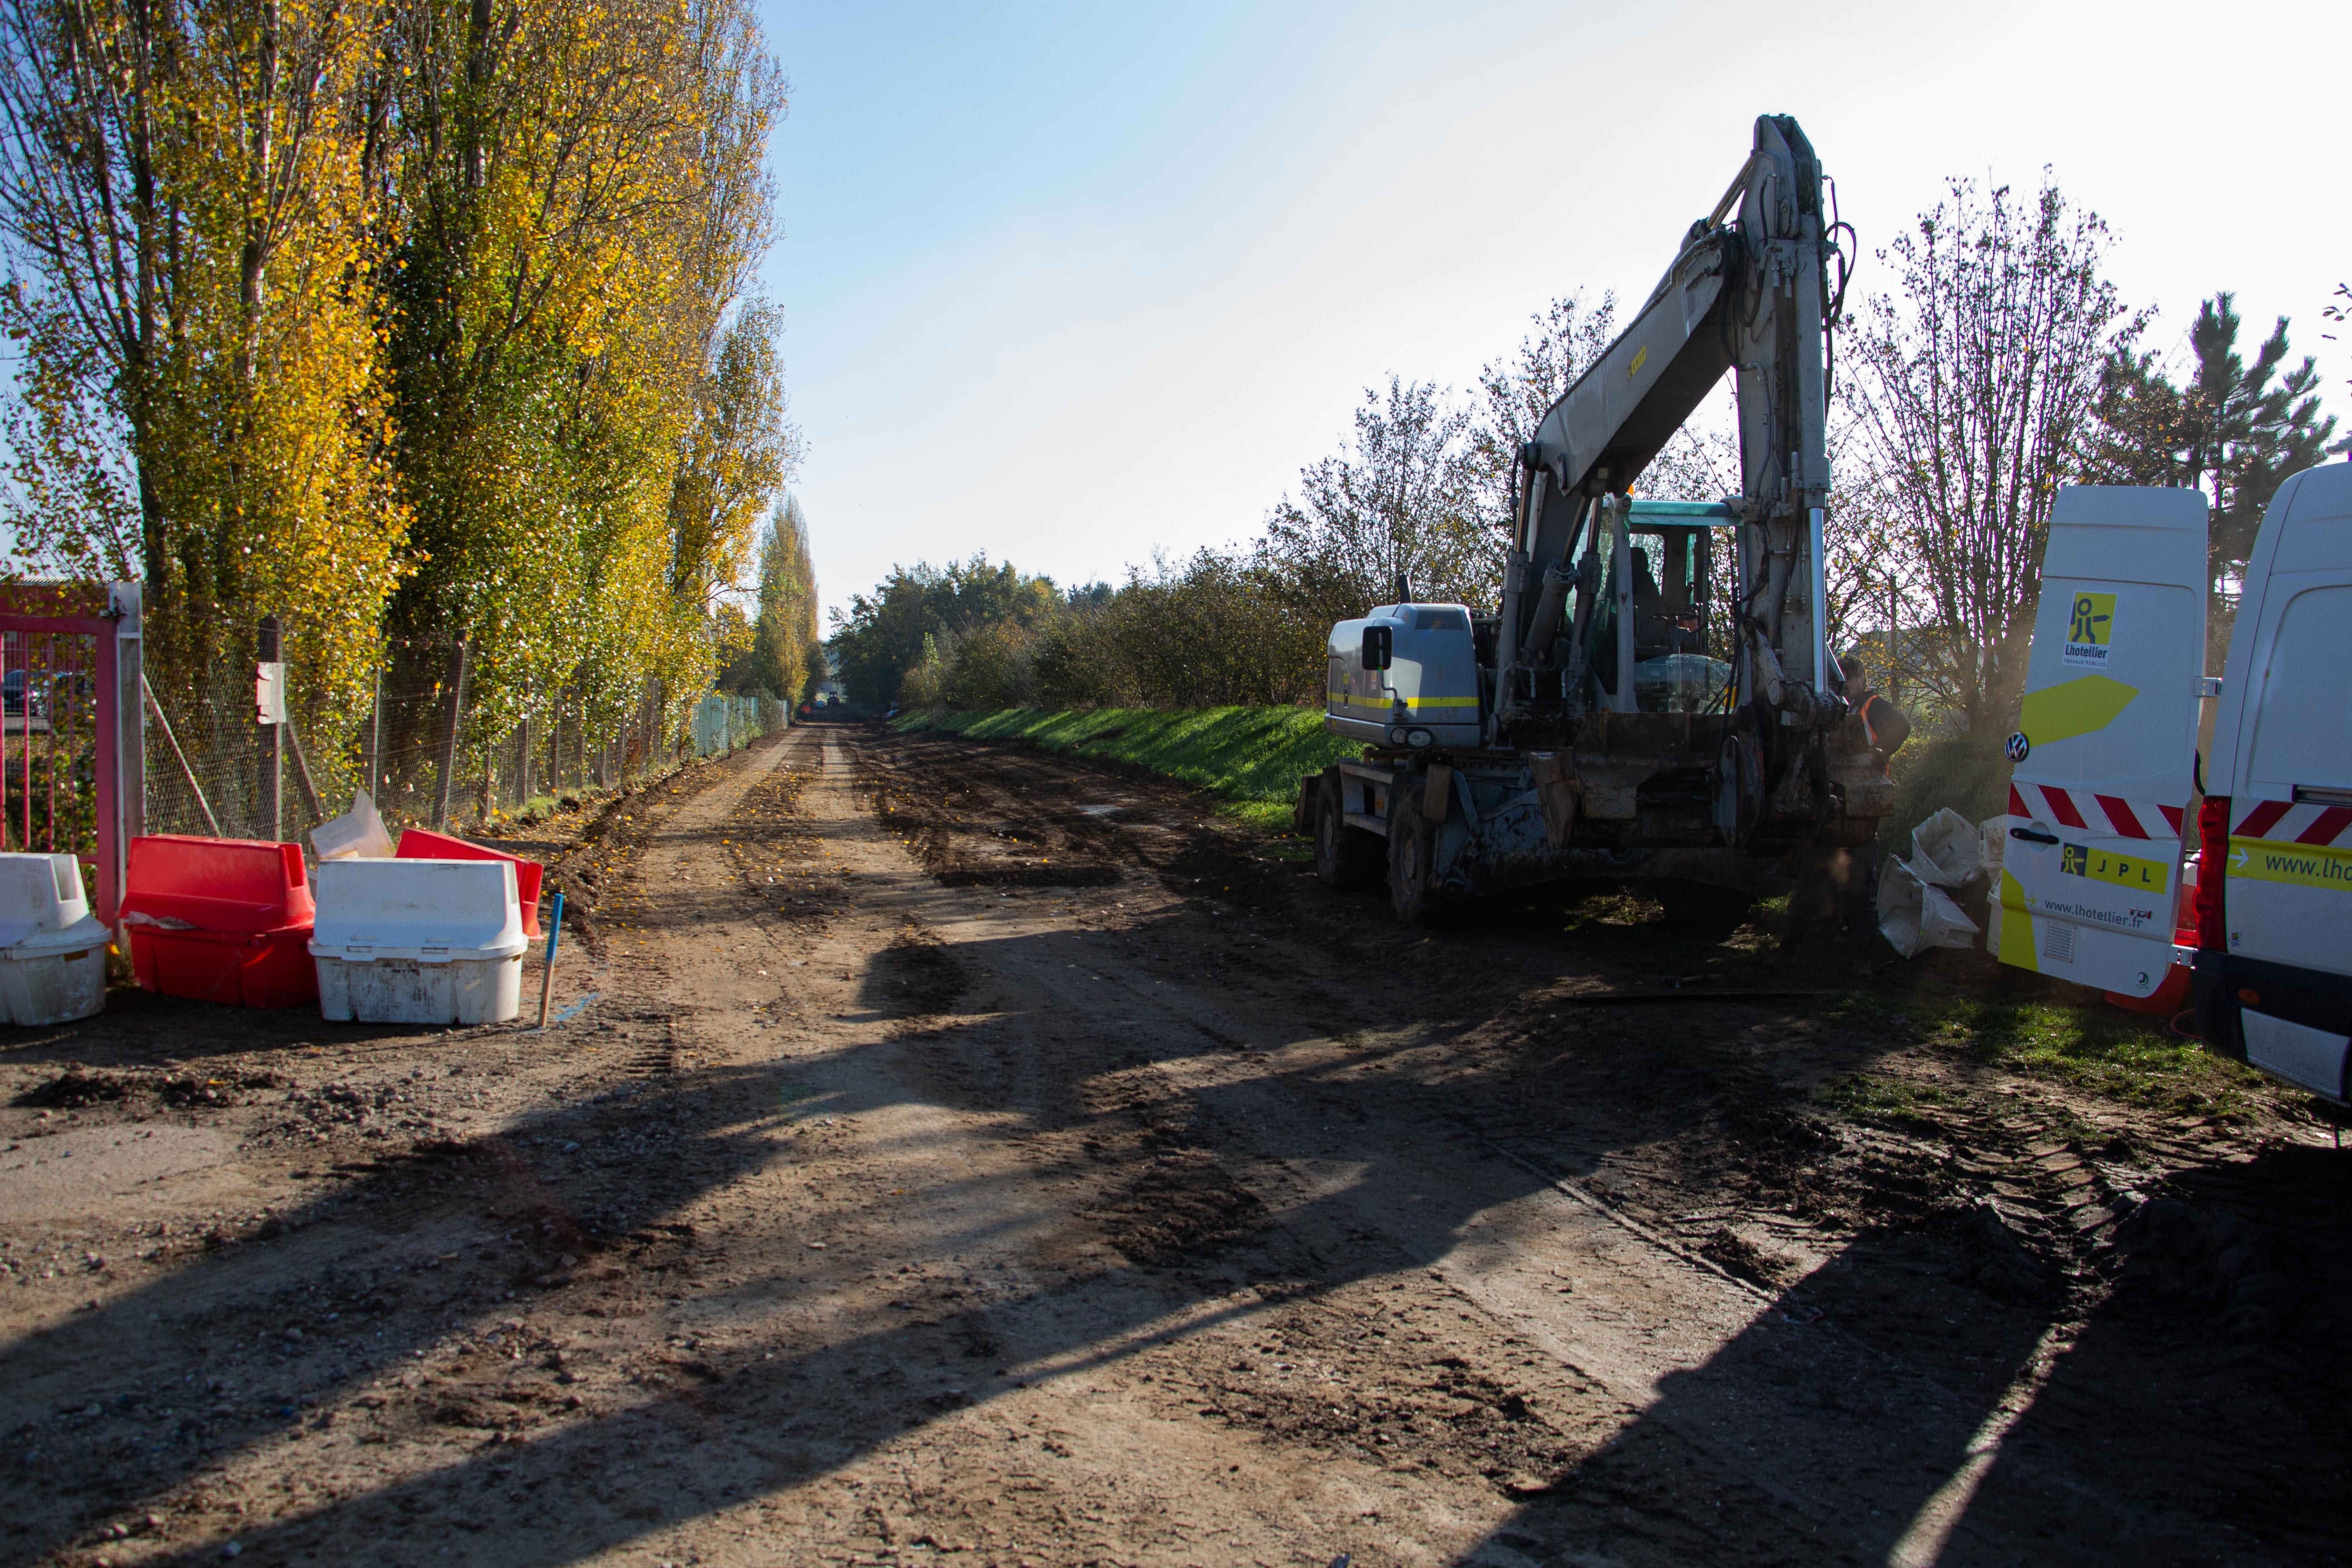 photo travaux route des champs début novembre 2020 _1 sur 1_.jpg